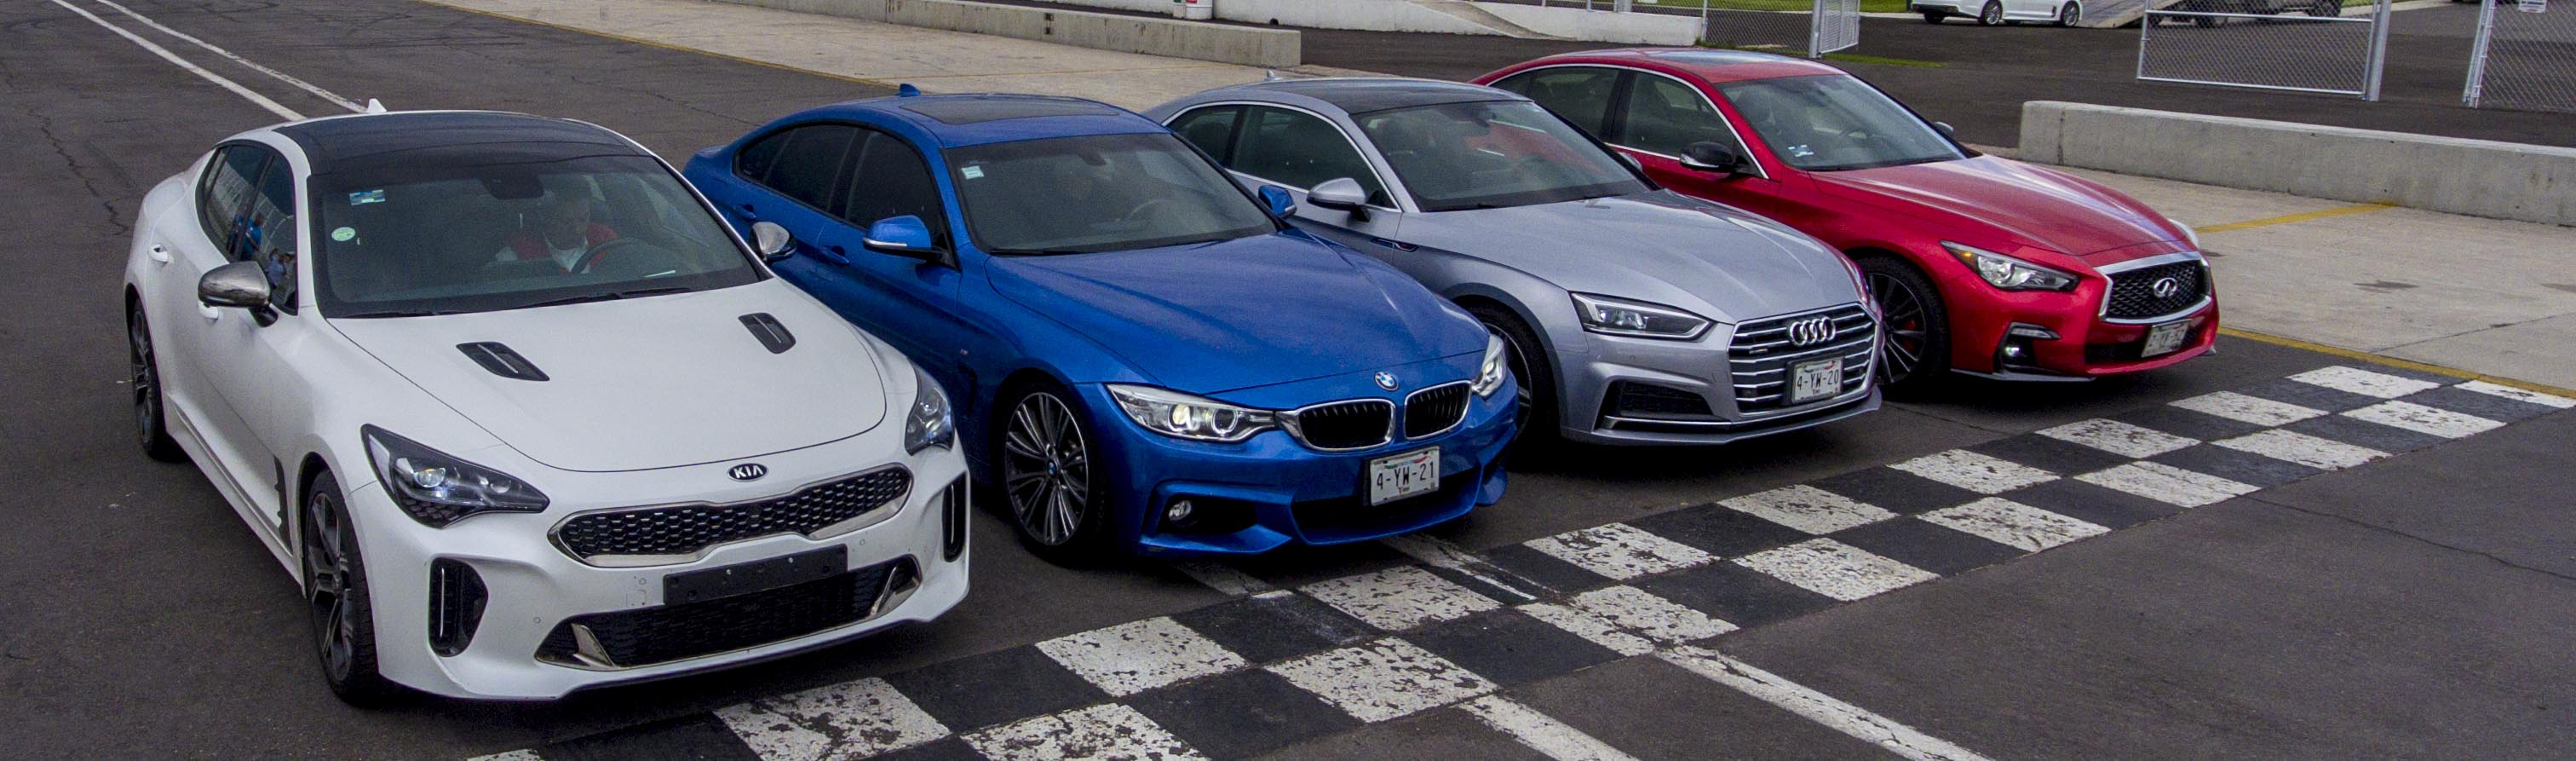 Kia Stinger GT Frente a frente con sus oponentes.